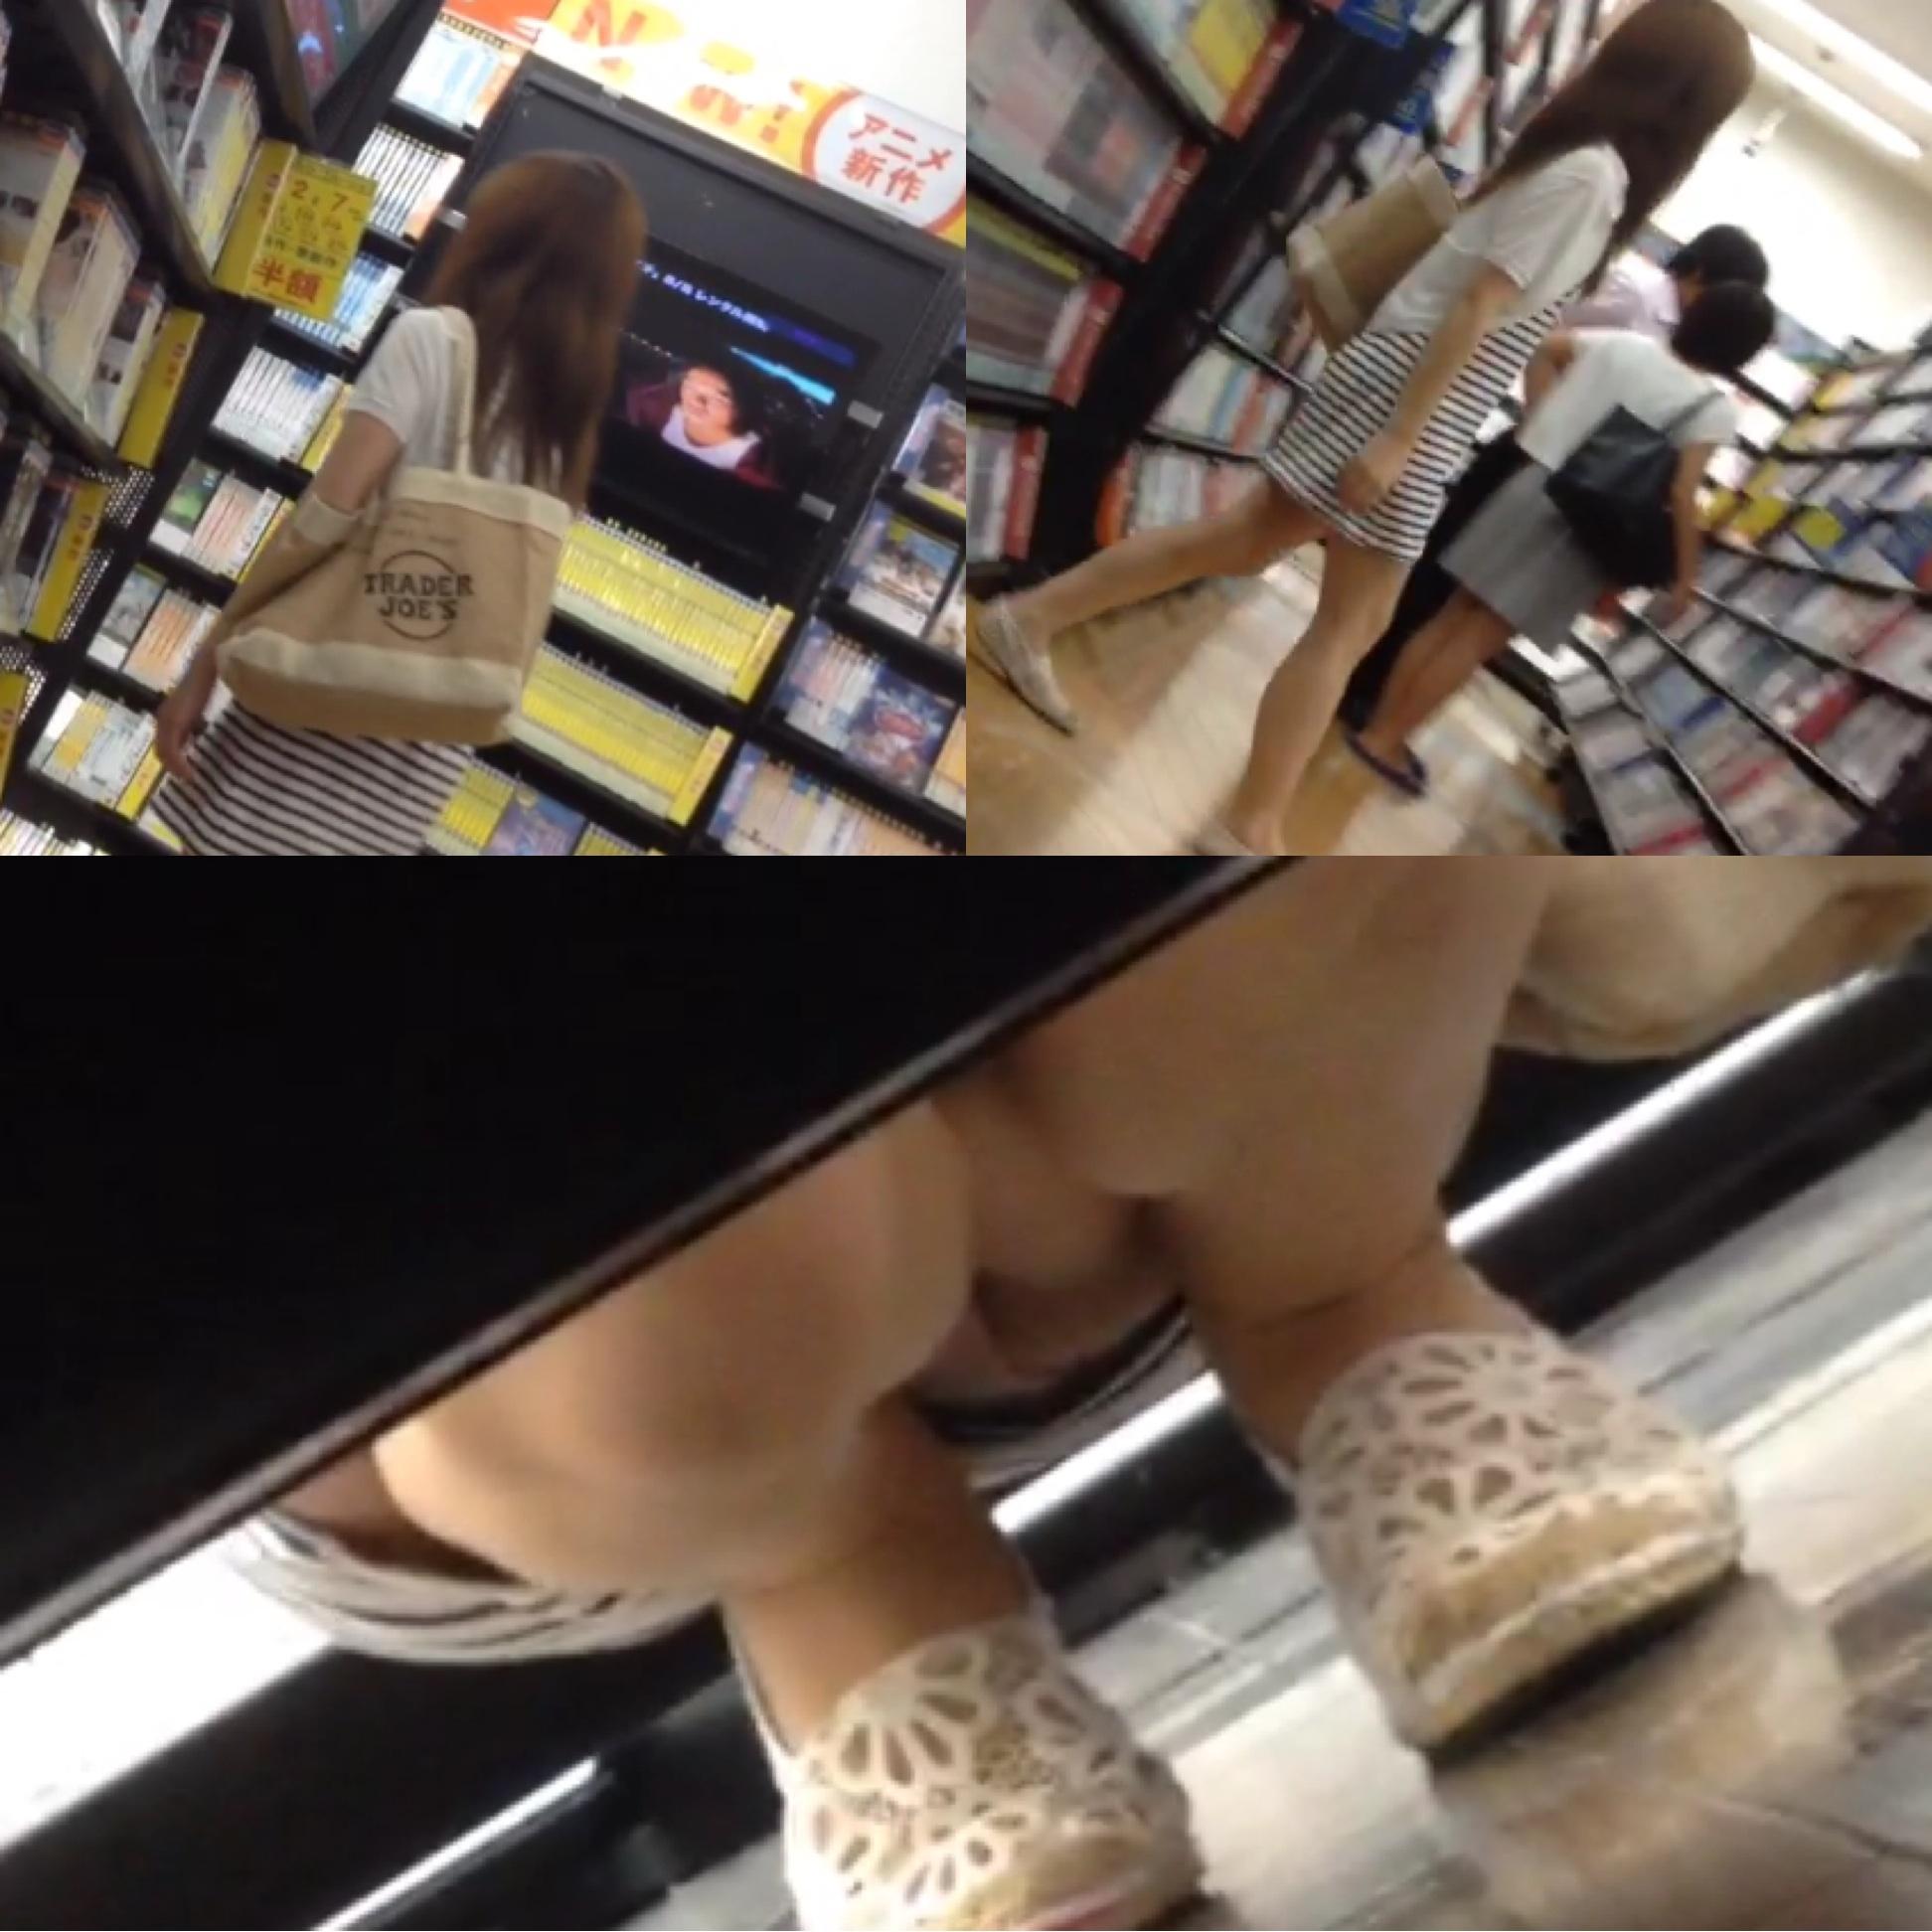 【パンチラエロ画像】この為だけに店の常連ですw棚下から覗いたミニスカパンチラ(*´Д`)